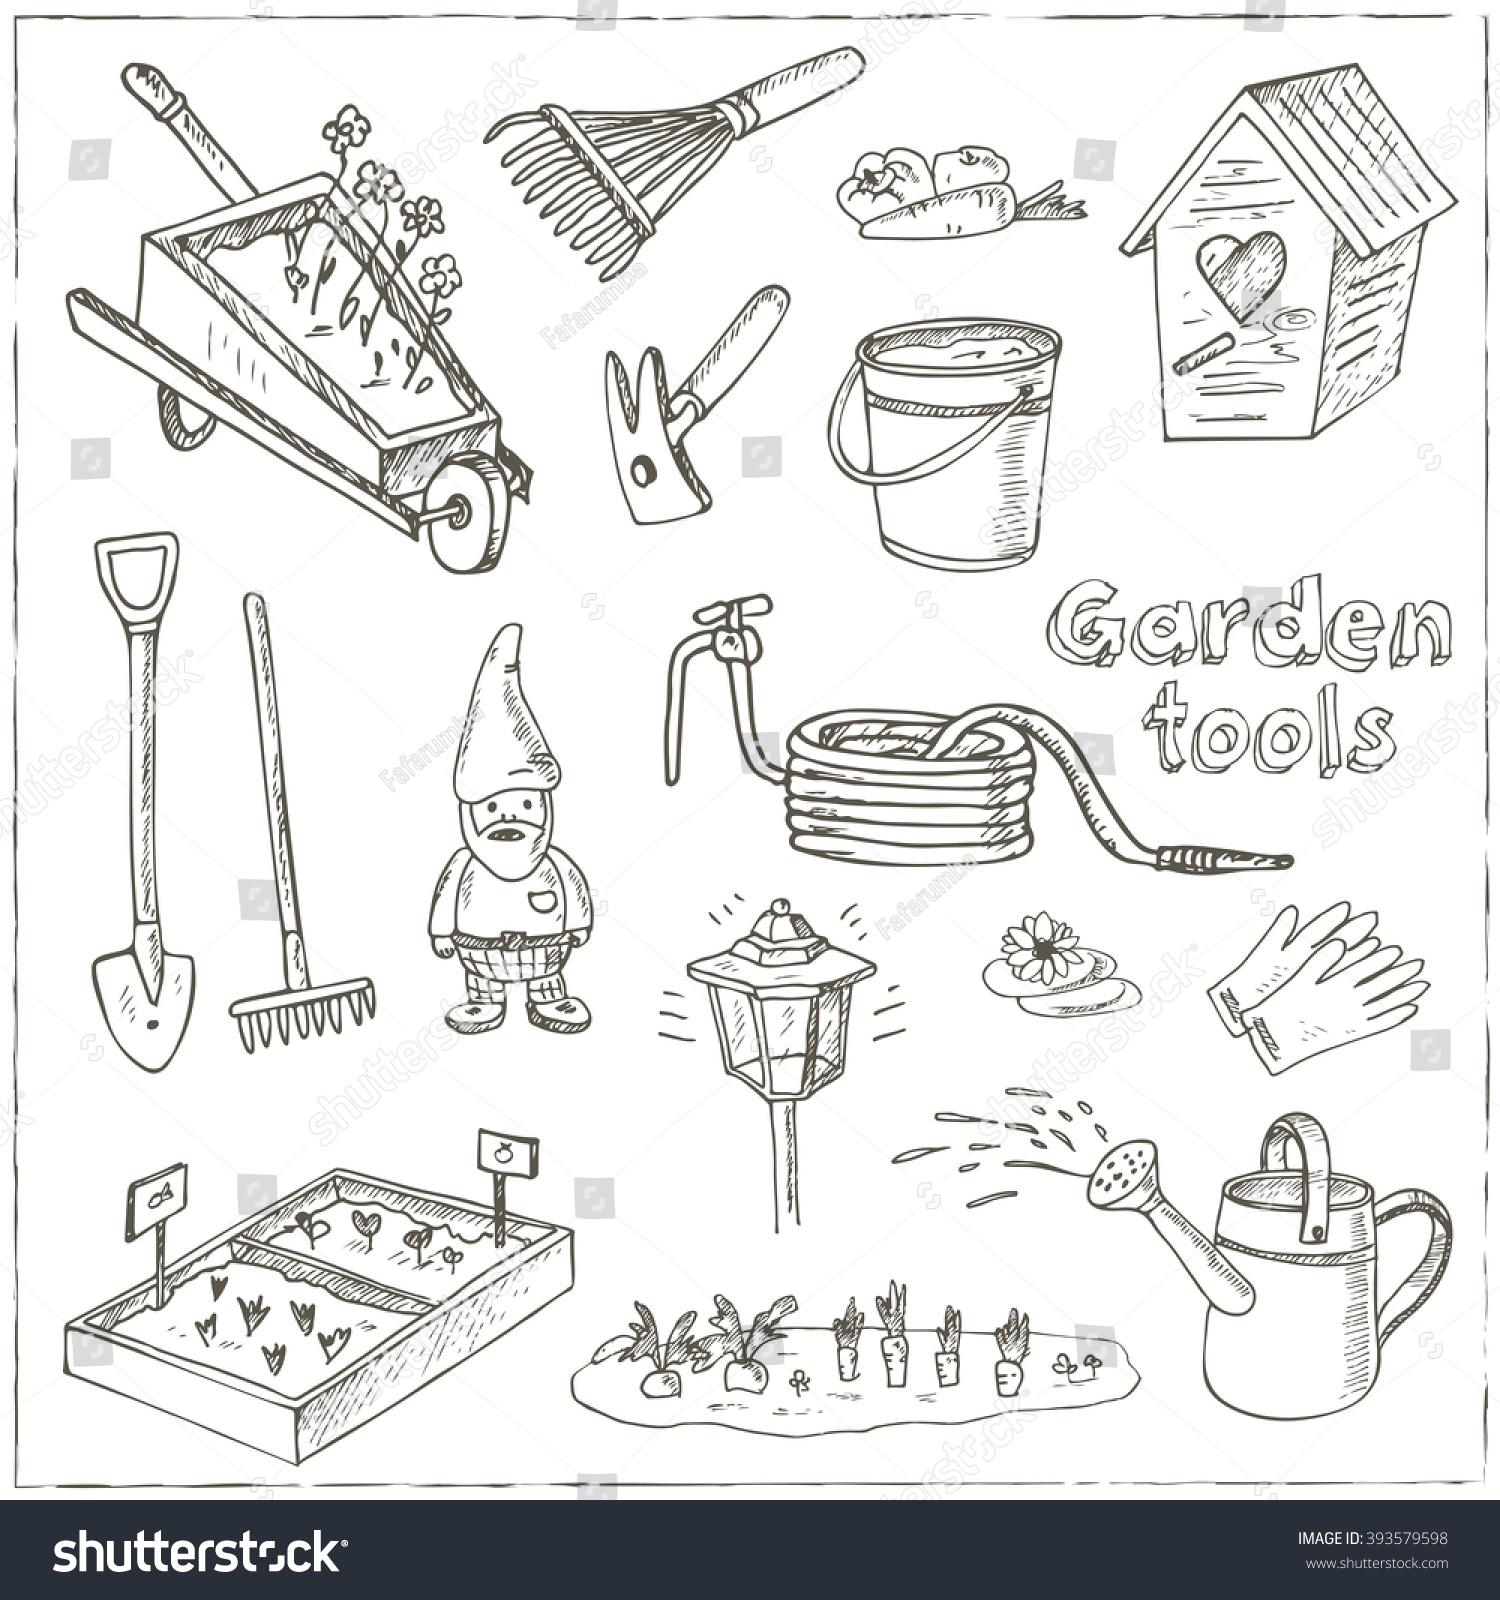 Garden tools doodle set various equipment stock vector for Garden equipment deals